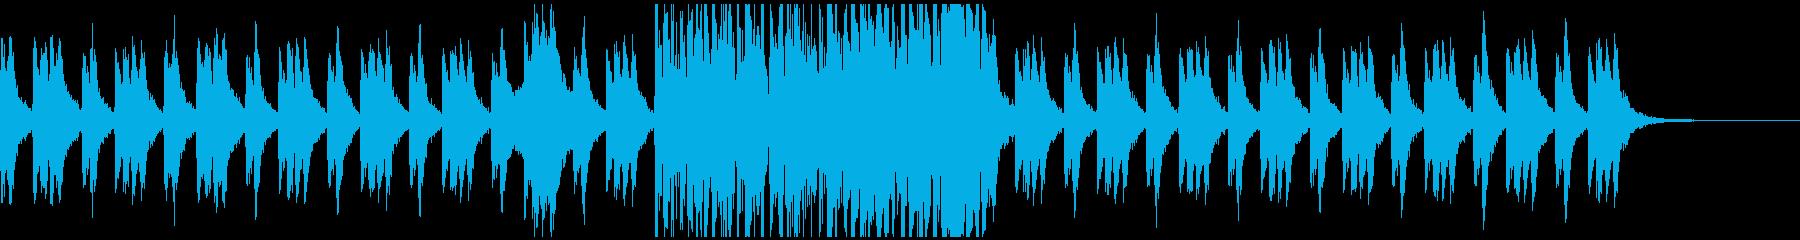 オーケストラ・ホラー系BGMの再生済みの波形